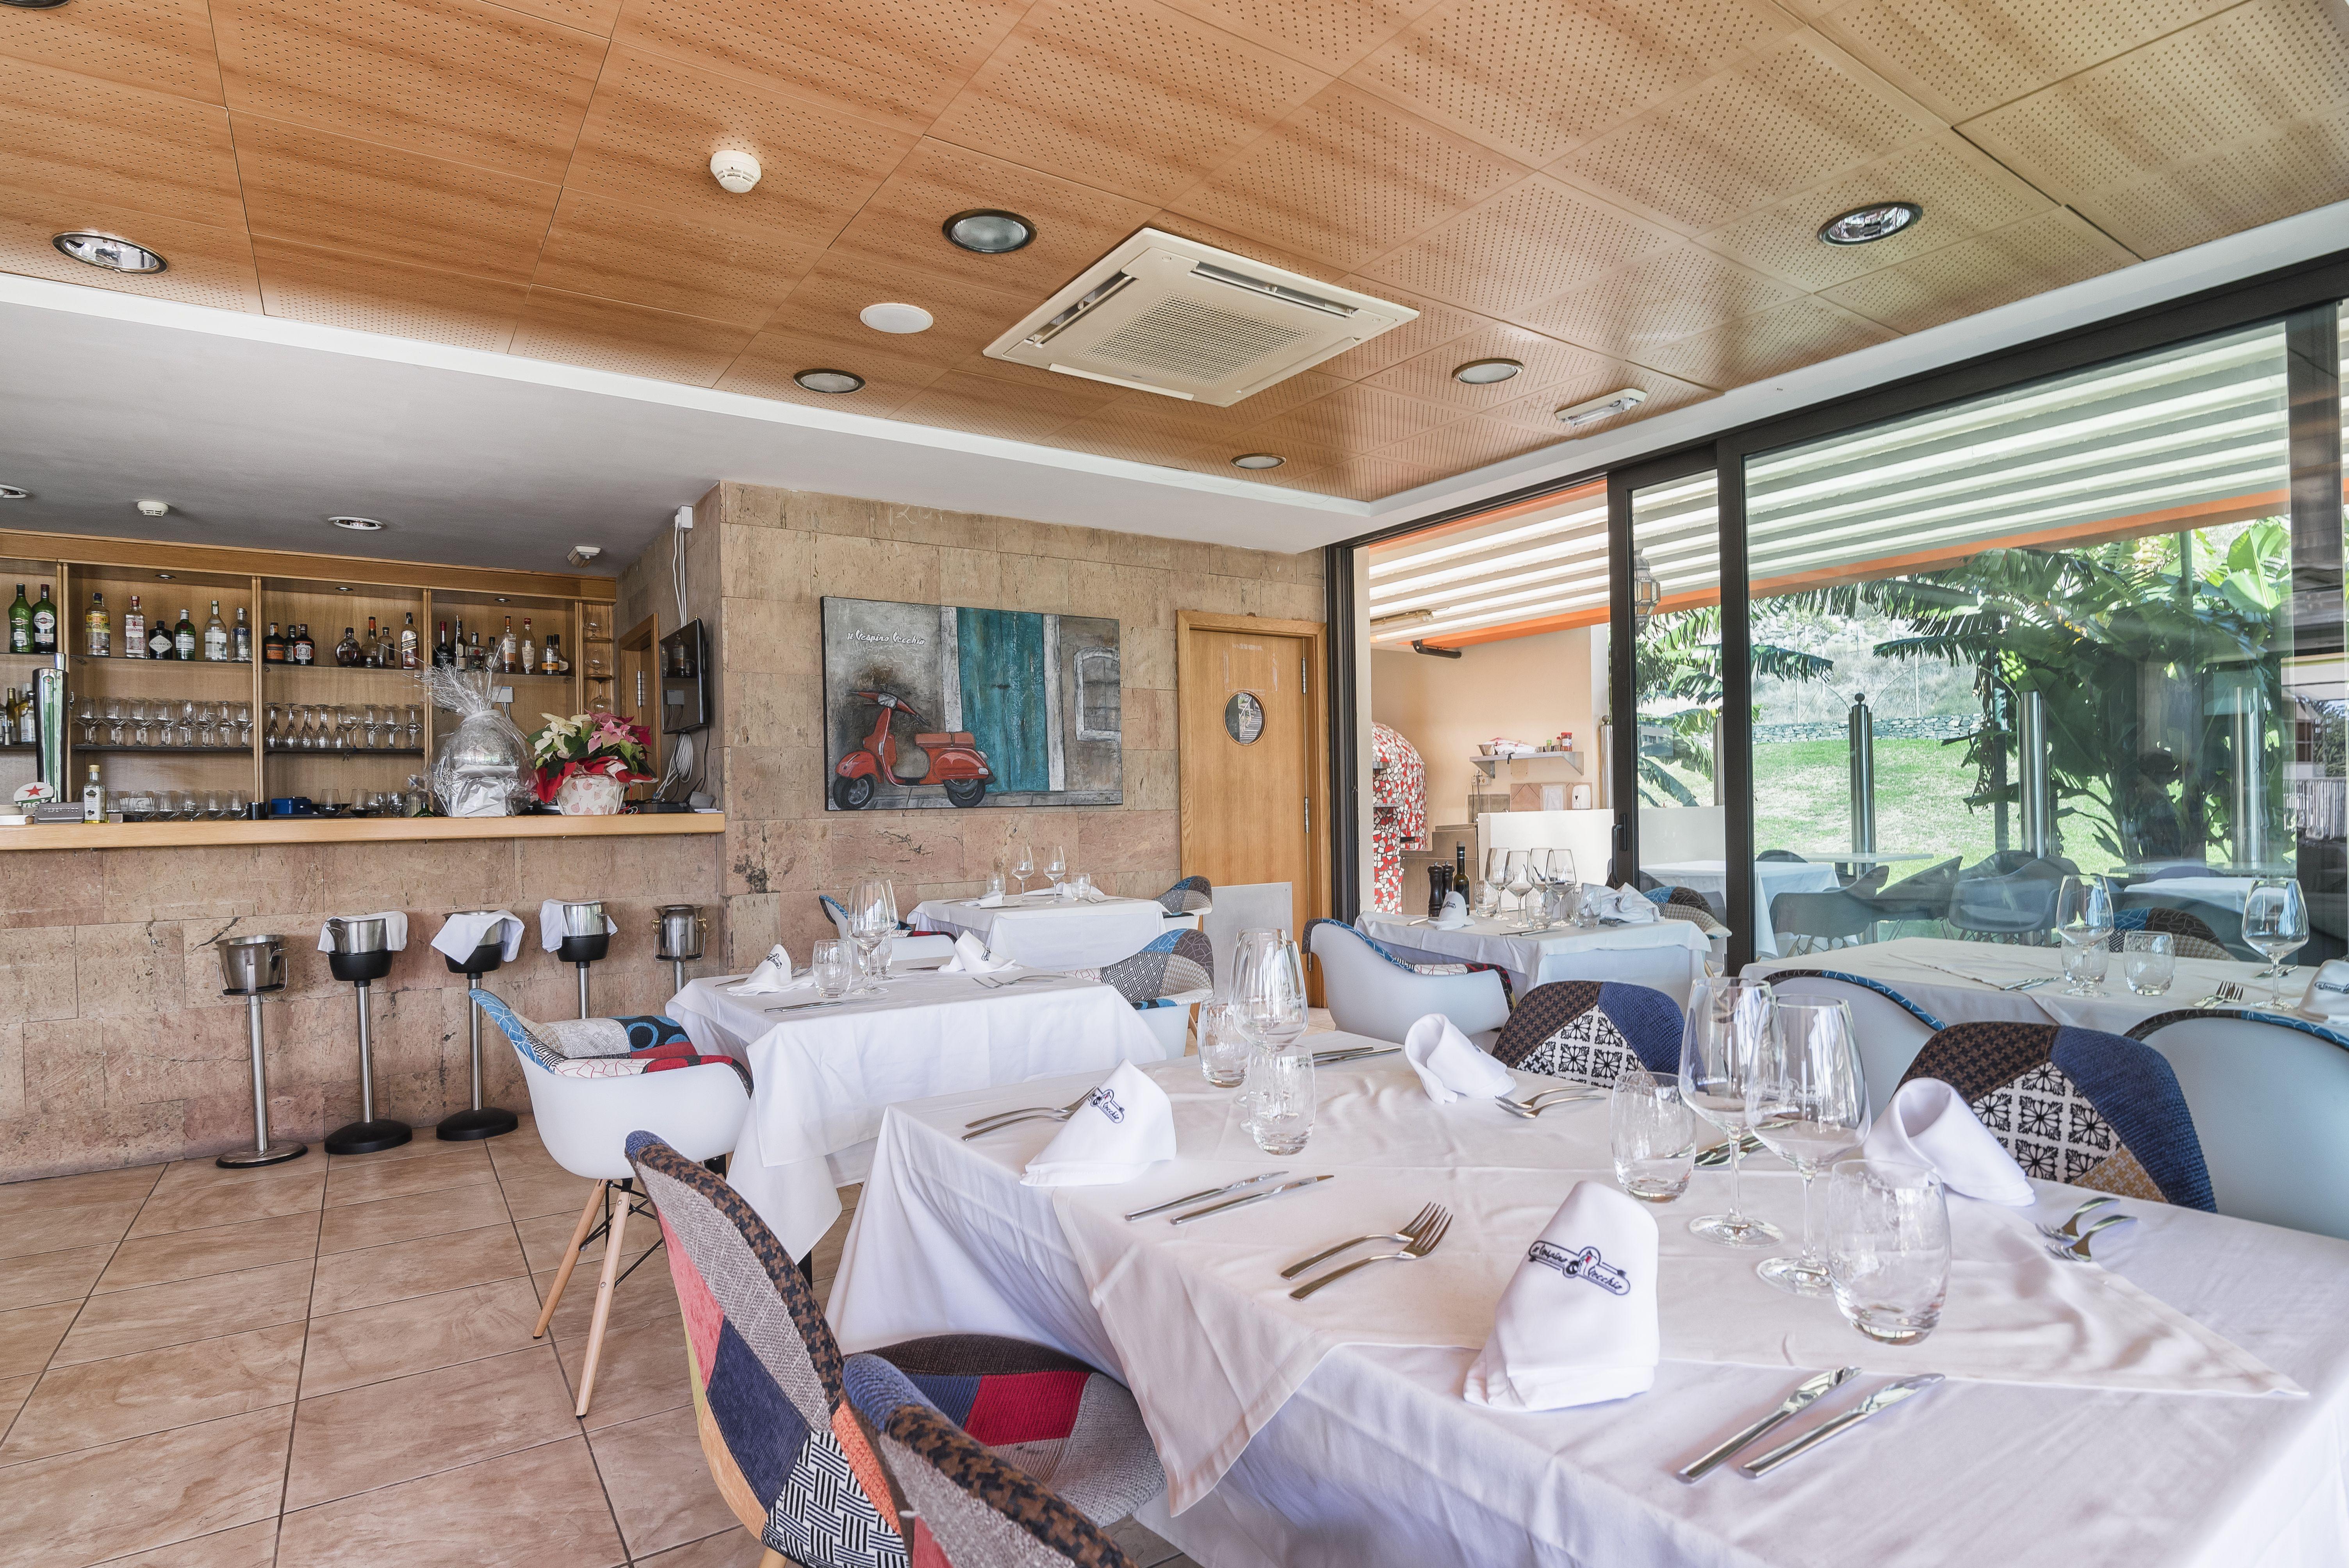 Foto 1 de Cocina italiana en Las Palmas de Gran Canaria | Il Vespino Vecchio